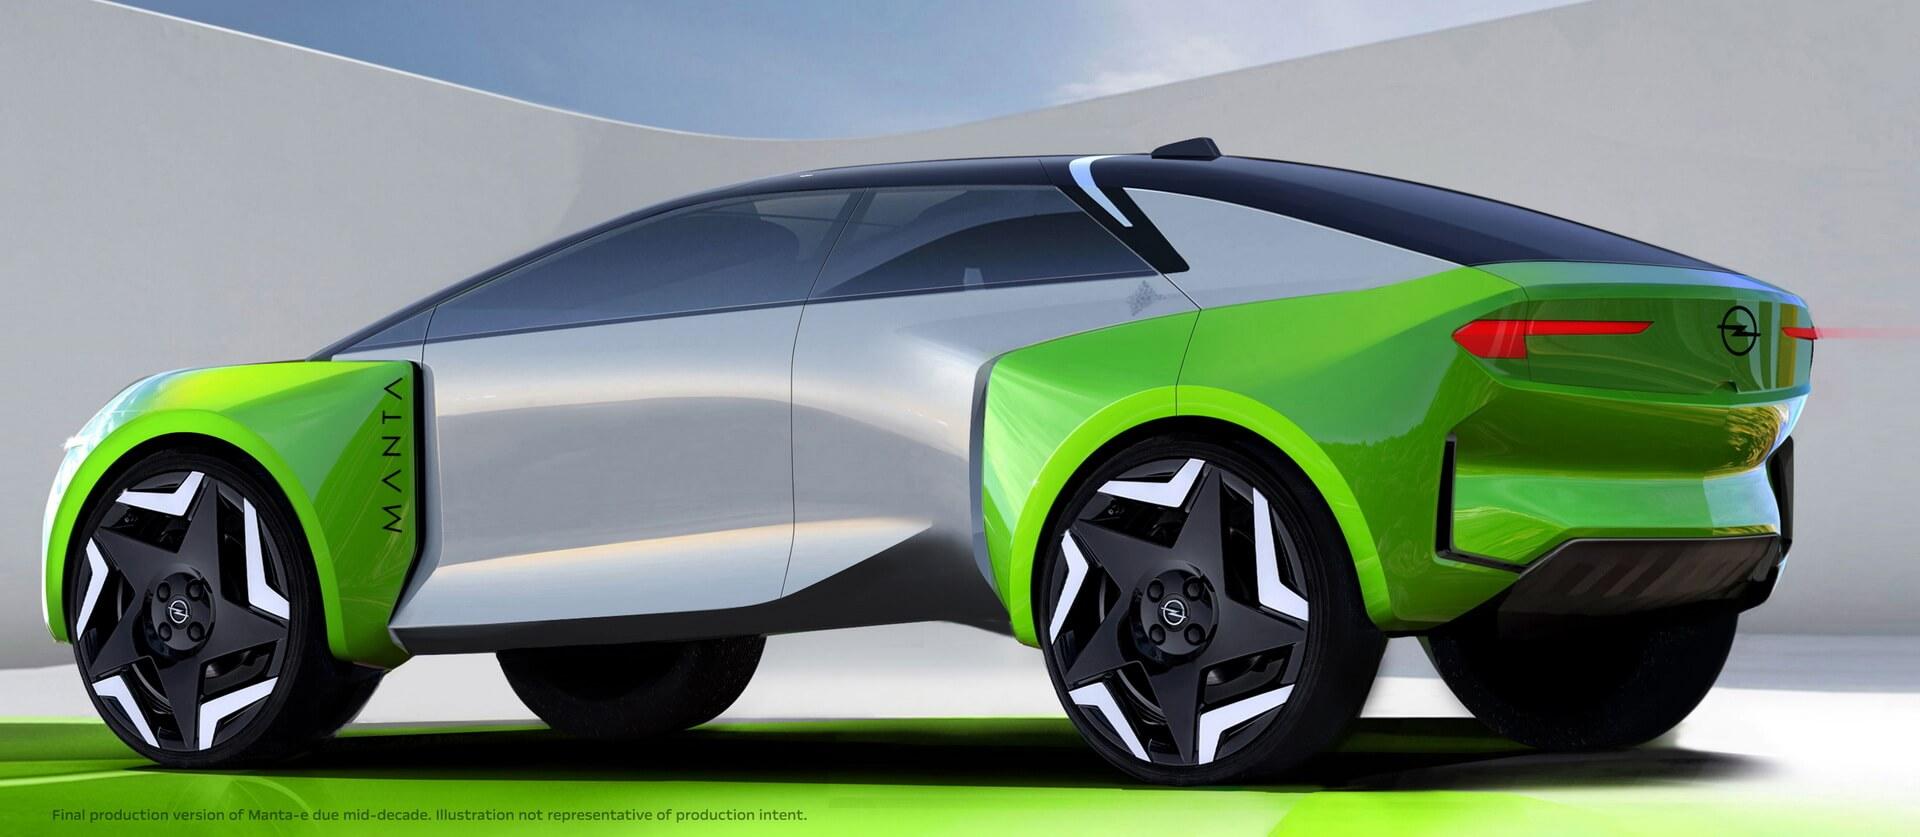 Компания Opel выпустила эскиз Manta-e, который показывает автомобиль как четырехдверное купе-кроссовер